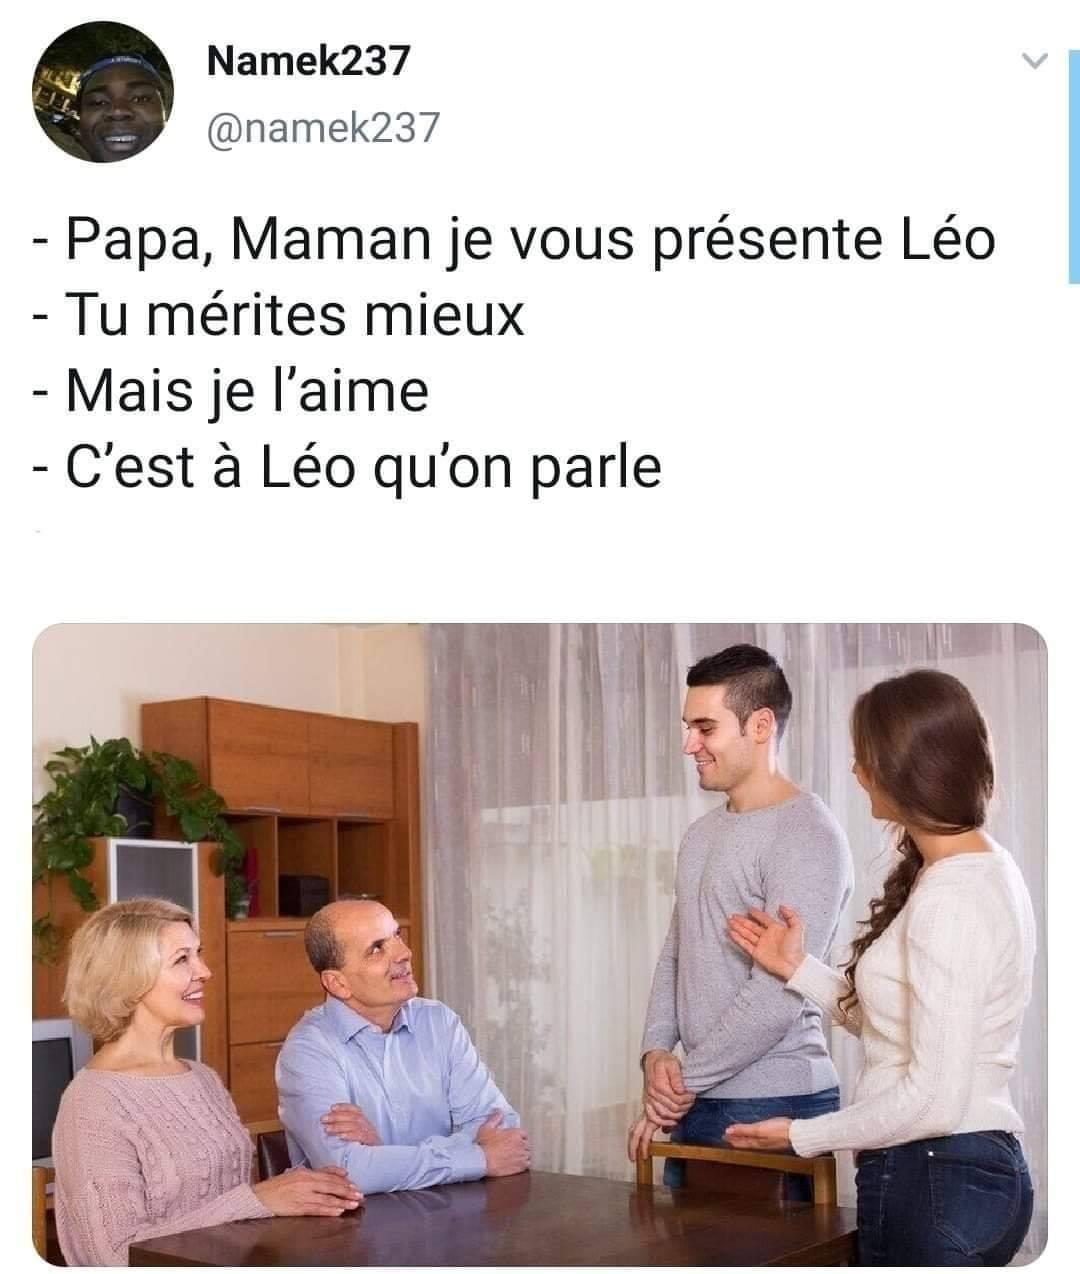 Papa, Maman je vous présente Léo